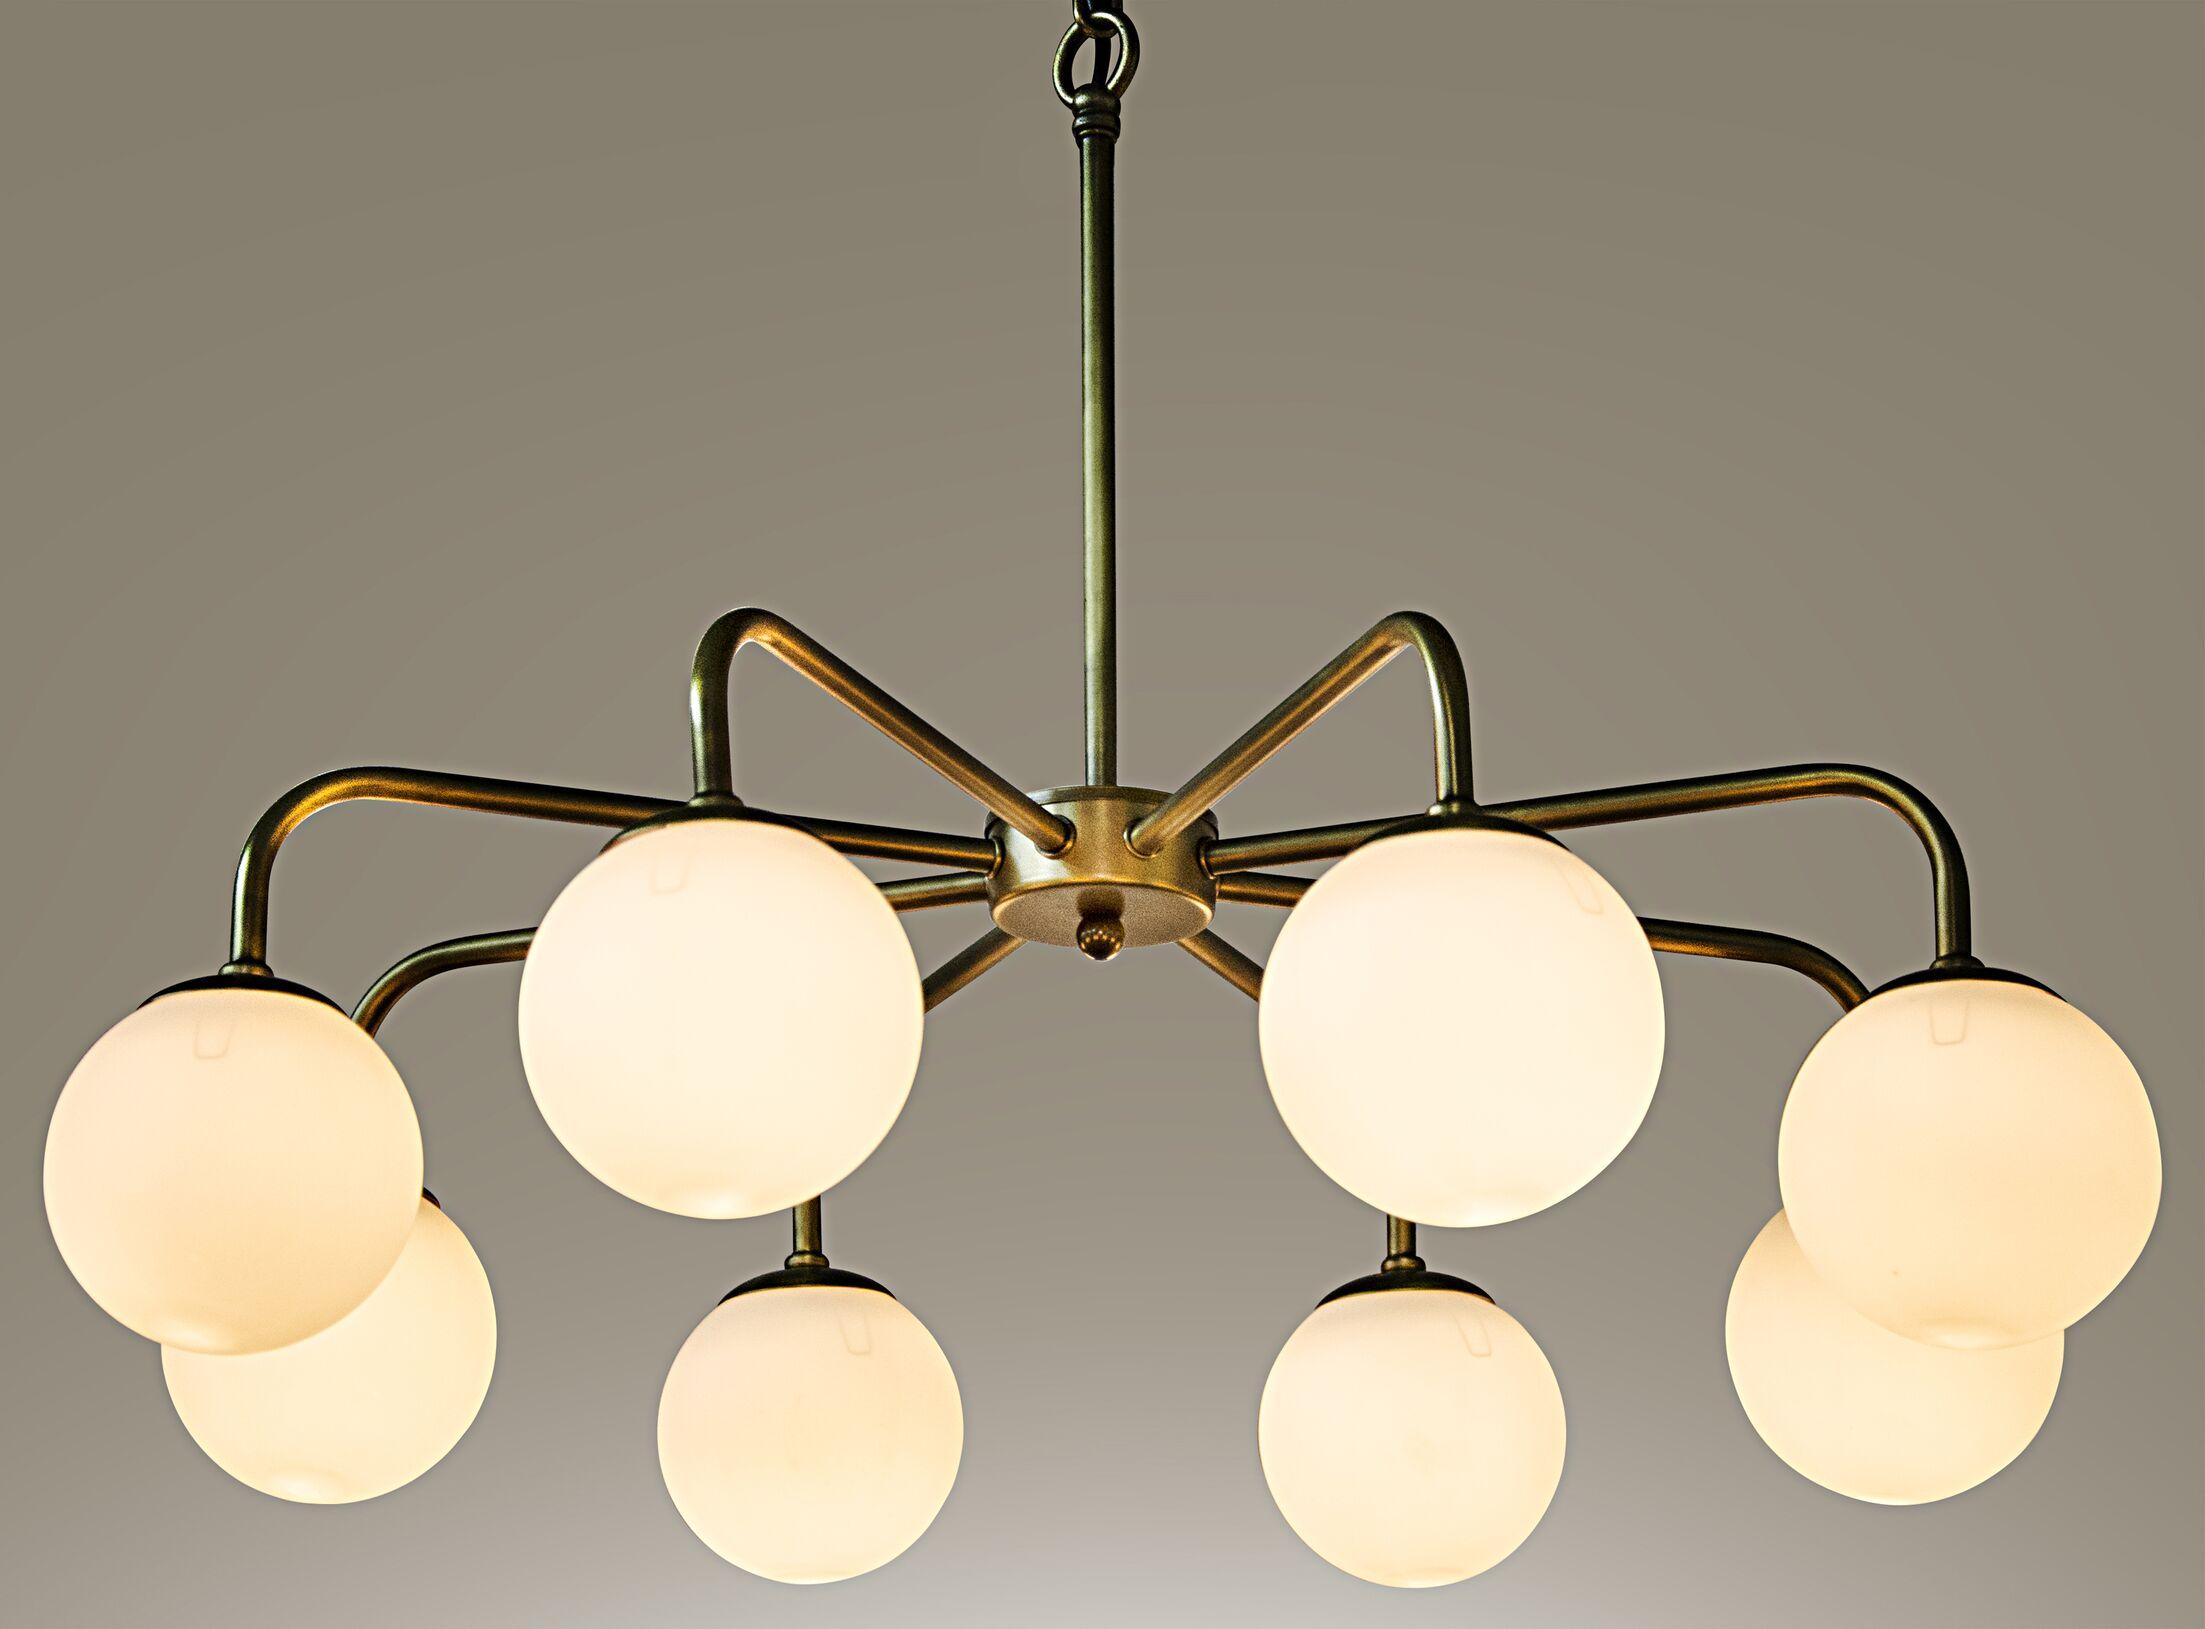 Larenta 8-Light Sputnik Chandelier